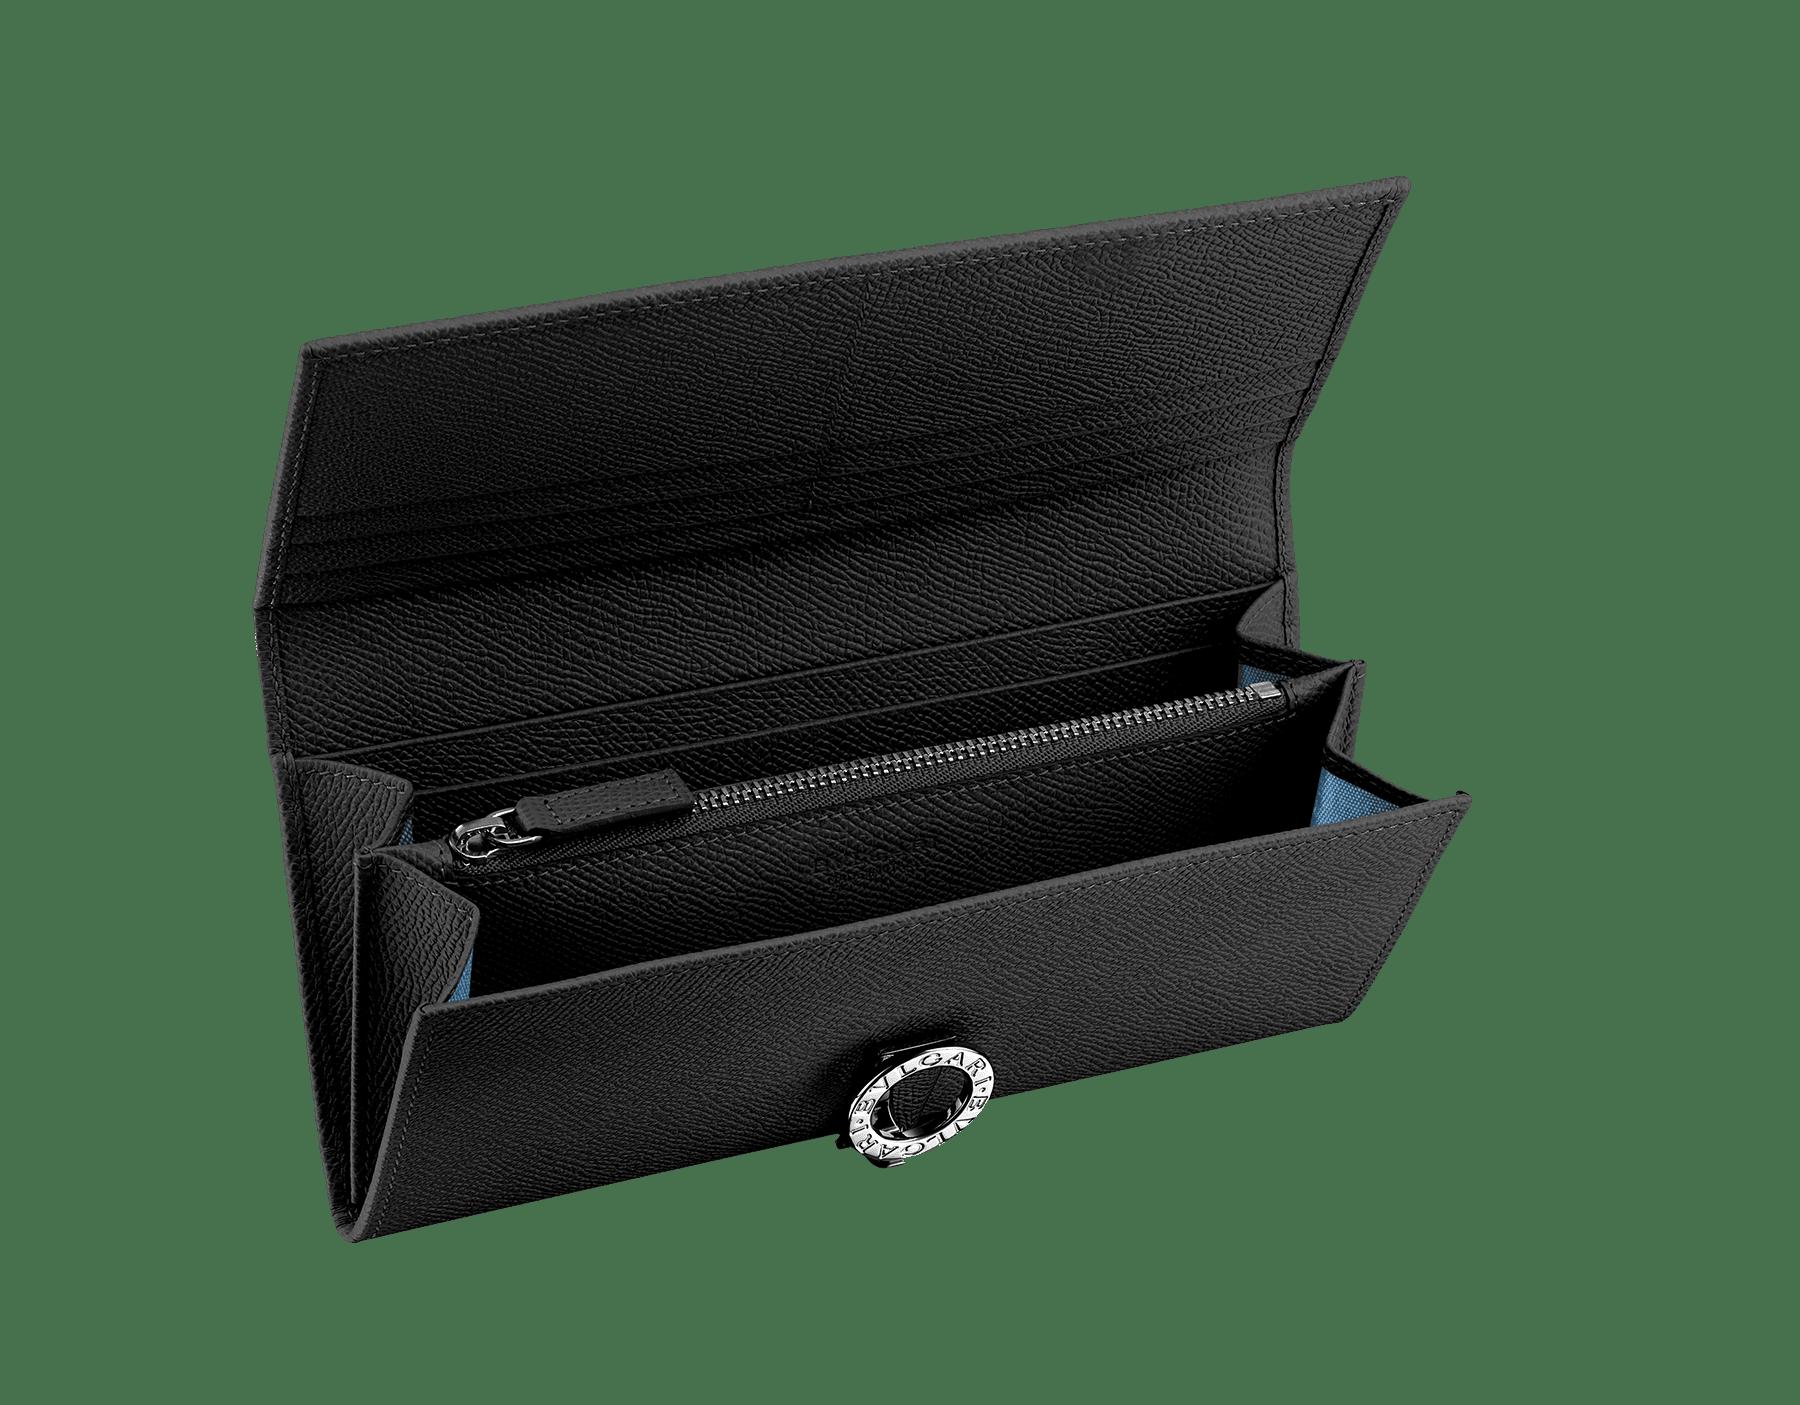 ブラックのグレインレザー製ウォレットポシェット。パラジウムプレート金具付き。フラップカバー、クレジットカードスロット9枚分、紙幣入れ×2、中央にファスナー付き小銭入れ×1。小銭入れの内側は、ブルーの生地。カラーバリエーションあり。19 x 9 cm 35939 image 2